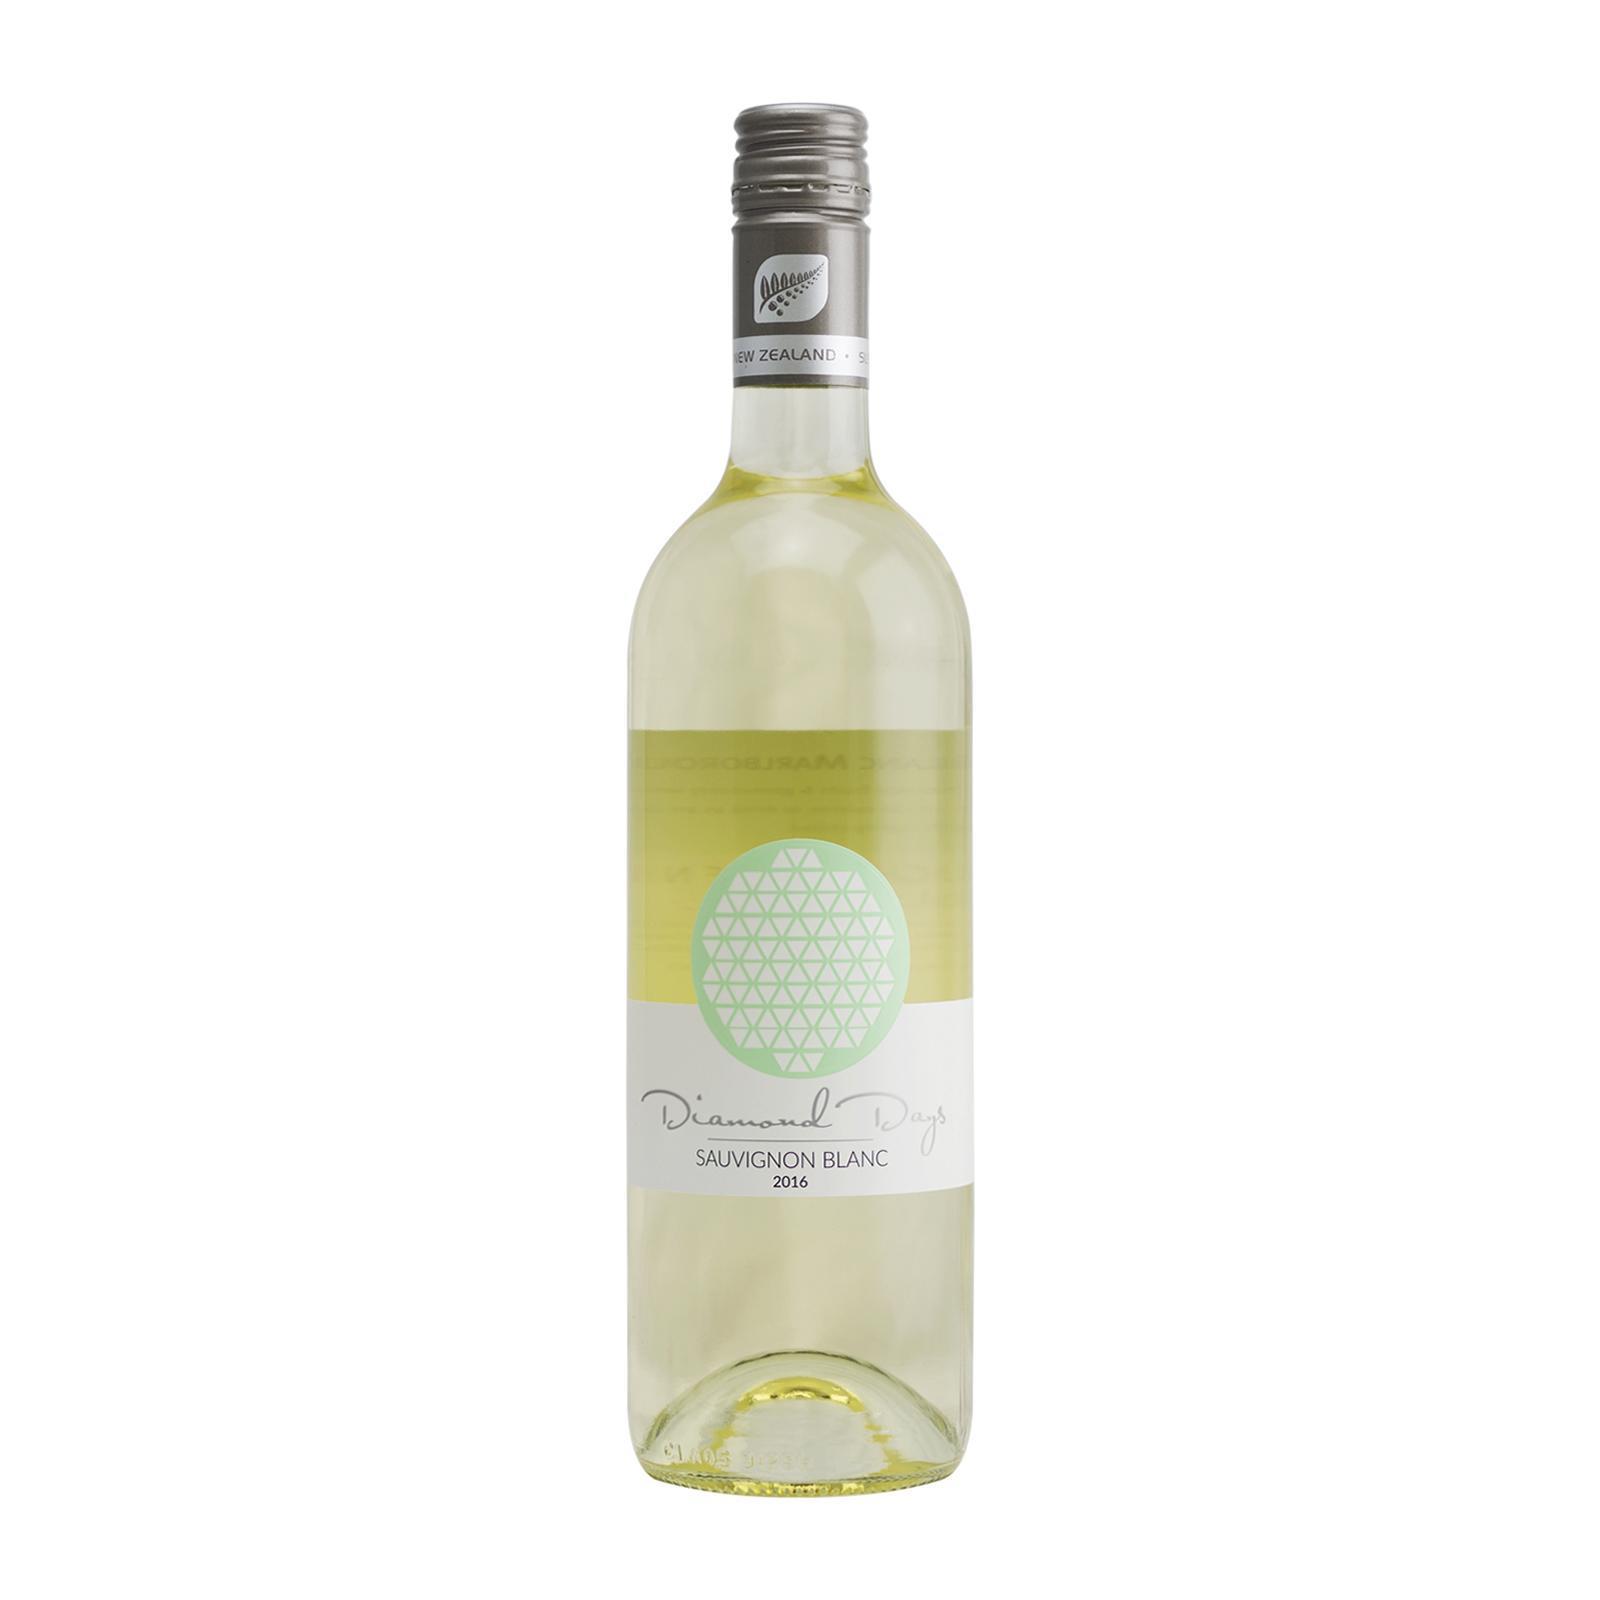 Tahuna Diamond Days Sauvignon Blanc - By Letat-Wine and Sakes